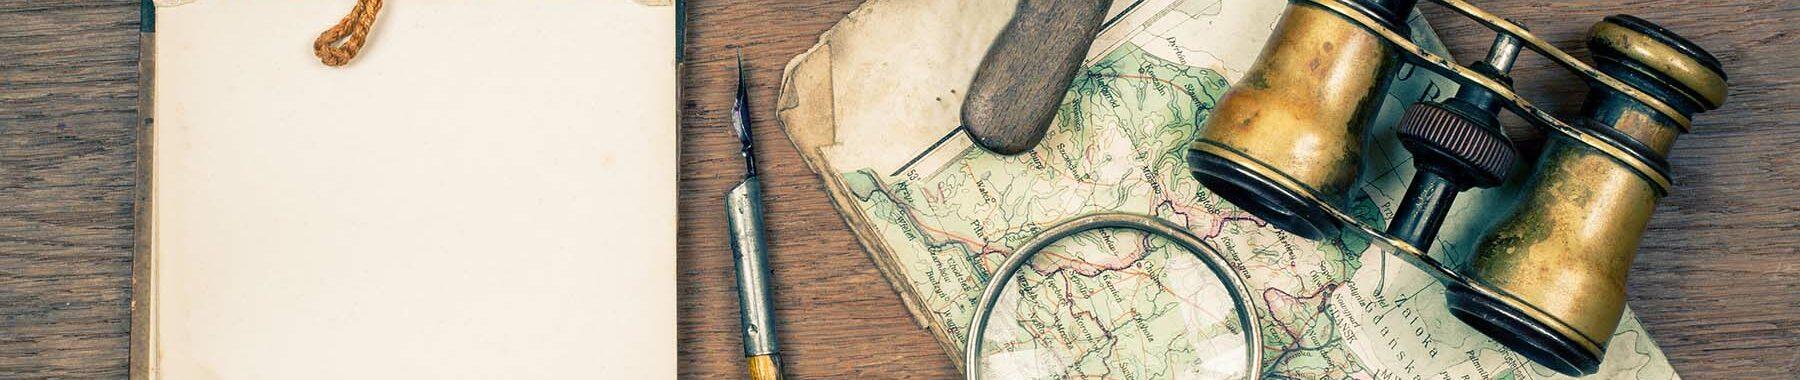 Foto mit Block, Feder, Landkarte und Fernglass zur Bebilderung der Rubrik Medientipps auf dem Blog der Berliner Paartherapeutin Julia Bellabarba